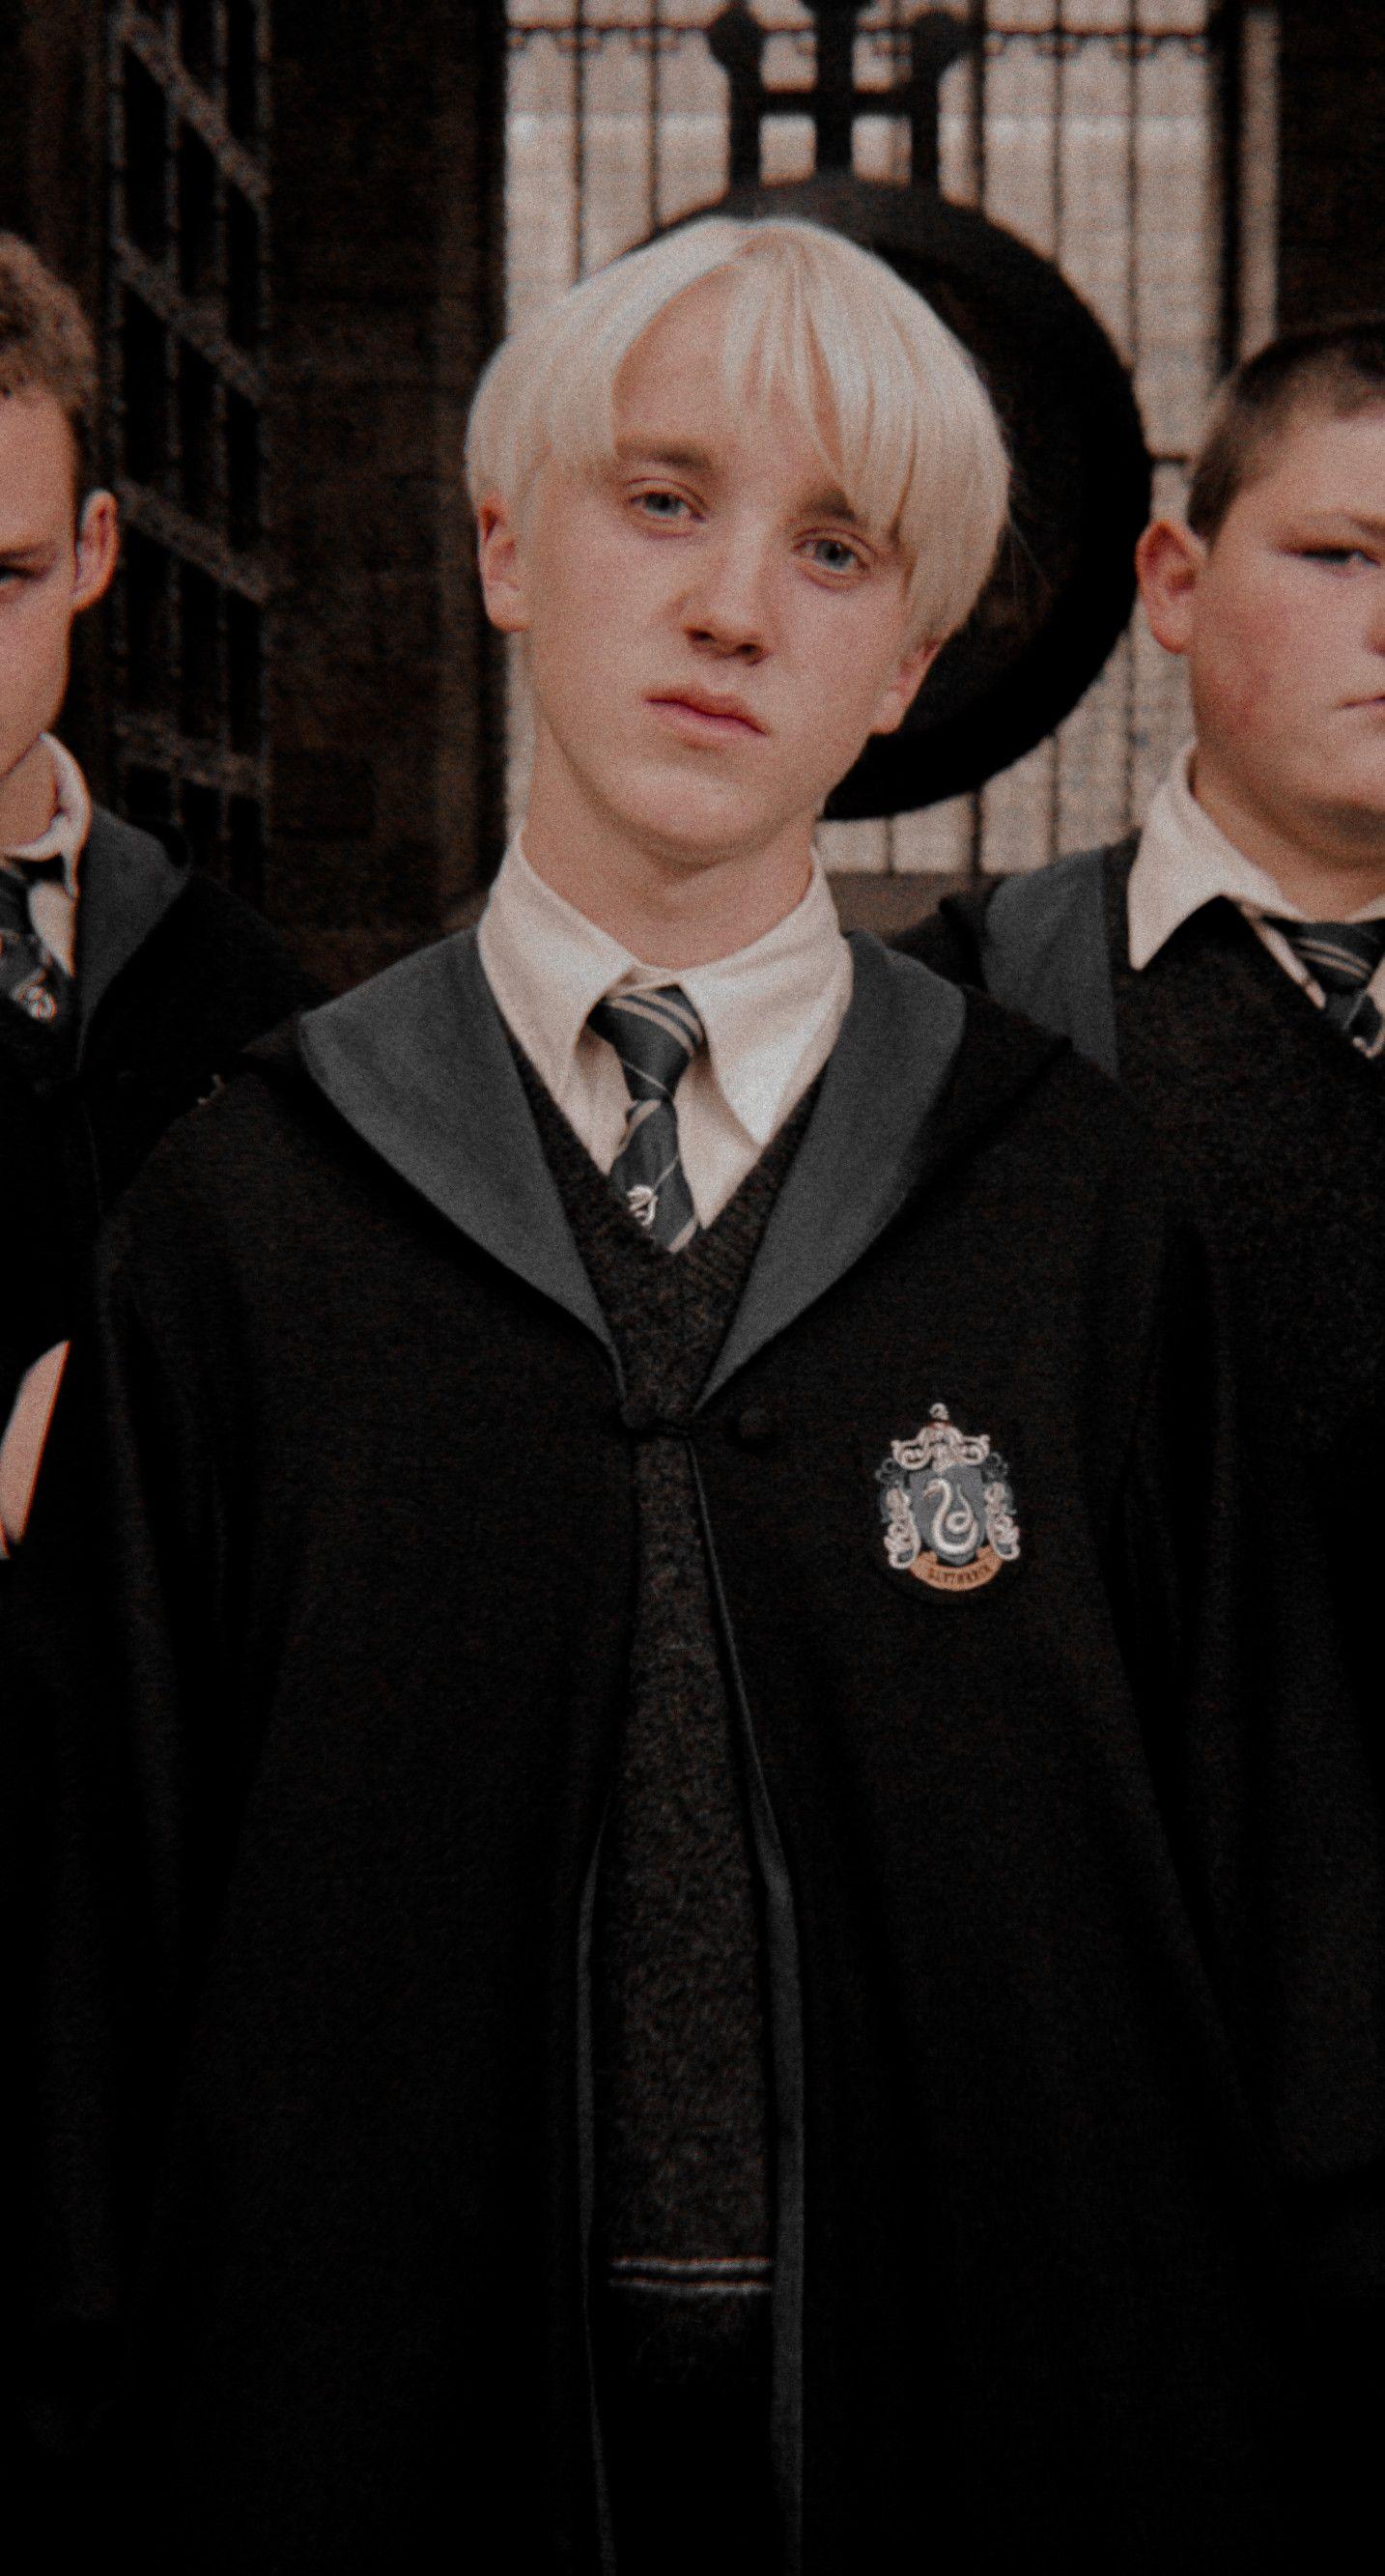 Pin By Ava K On The Chamber Of Secrets Draco Malfoy Harry Potter Draco Malfoy Tom Felton Draco Malfoy